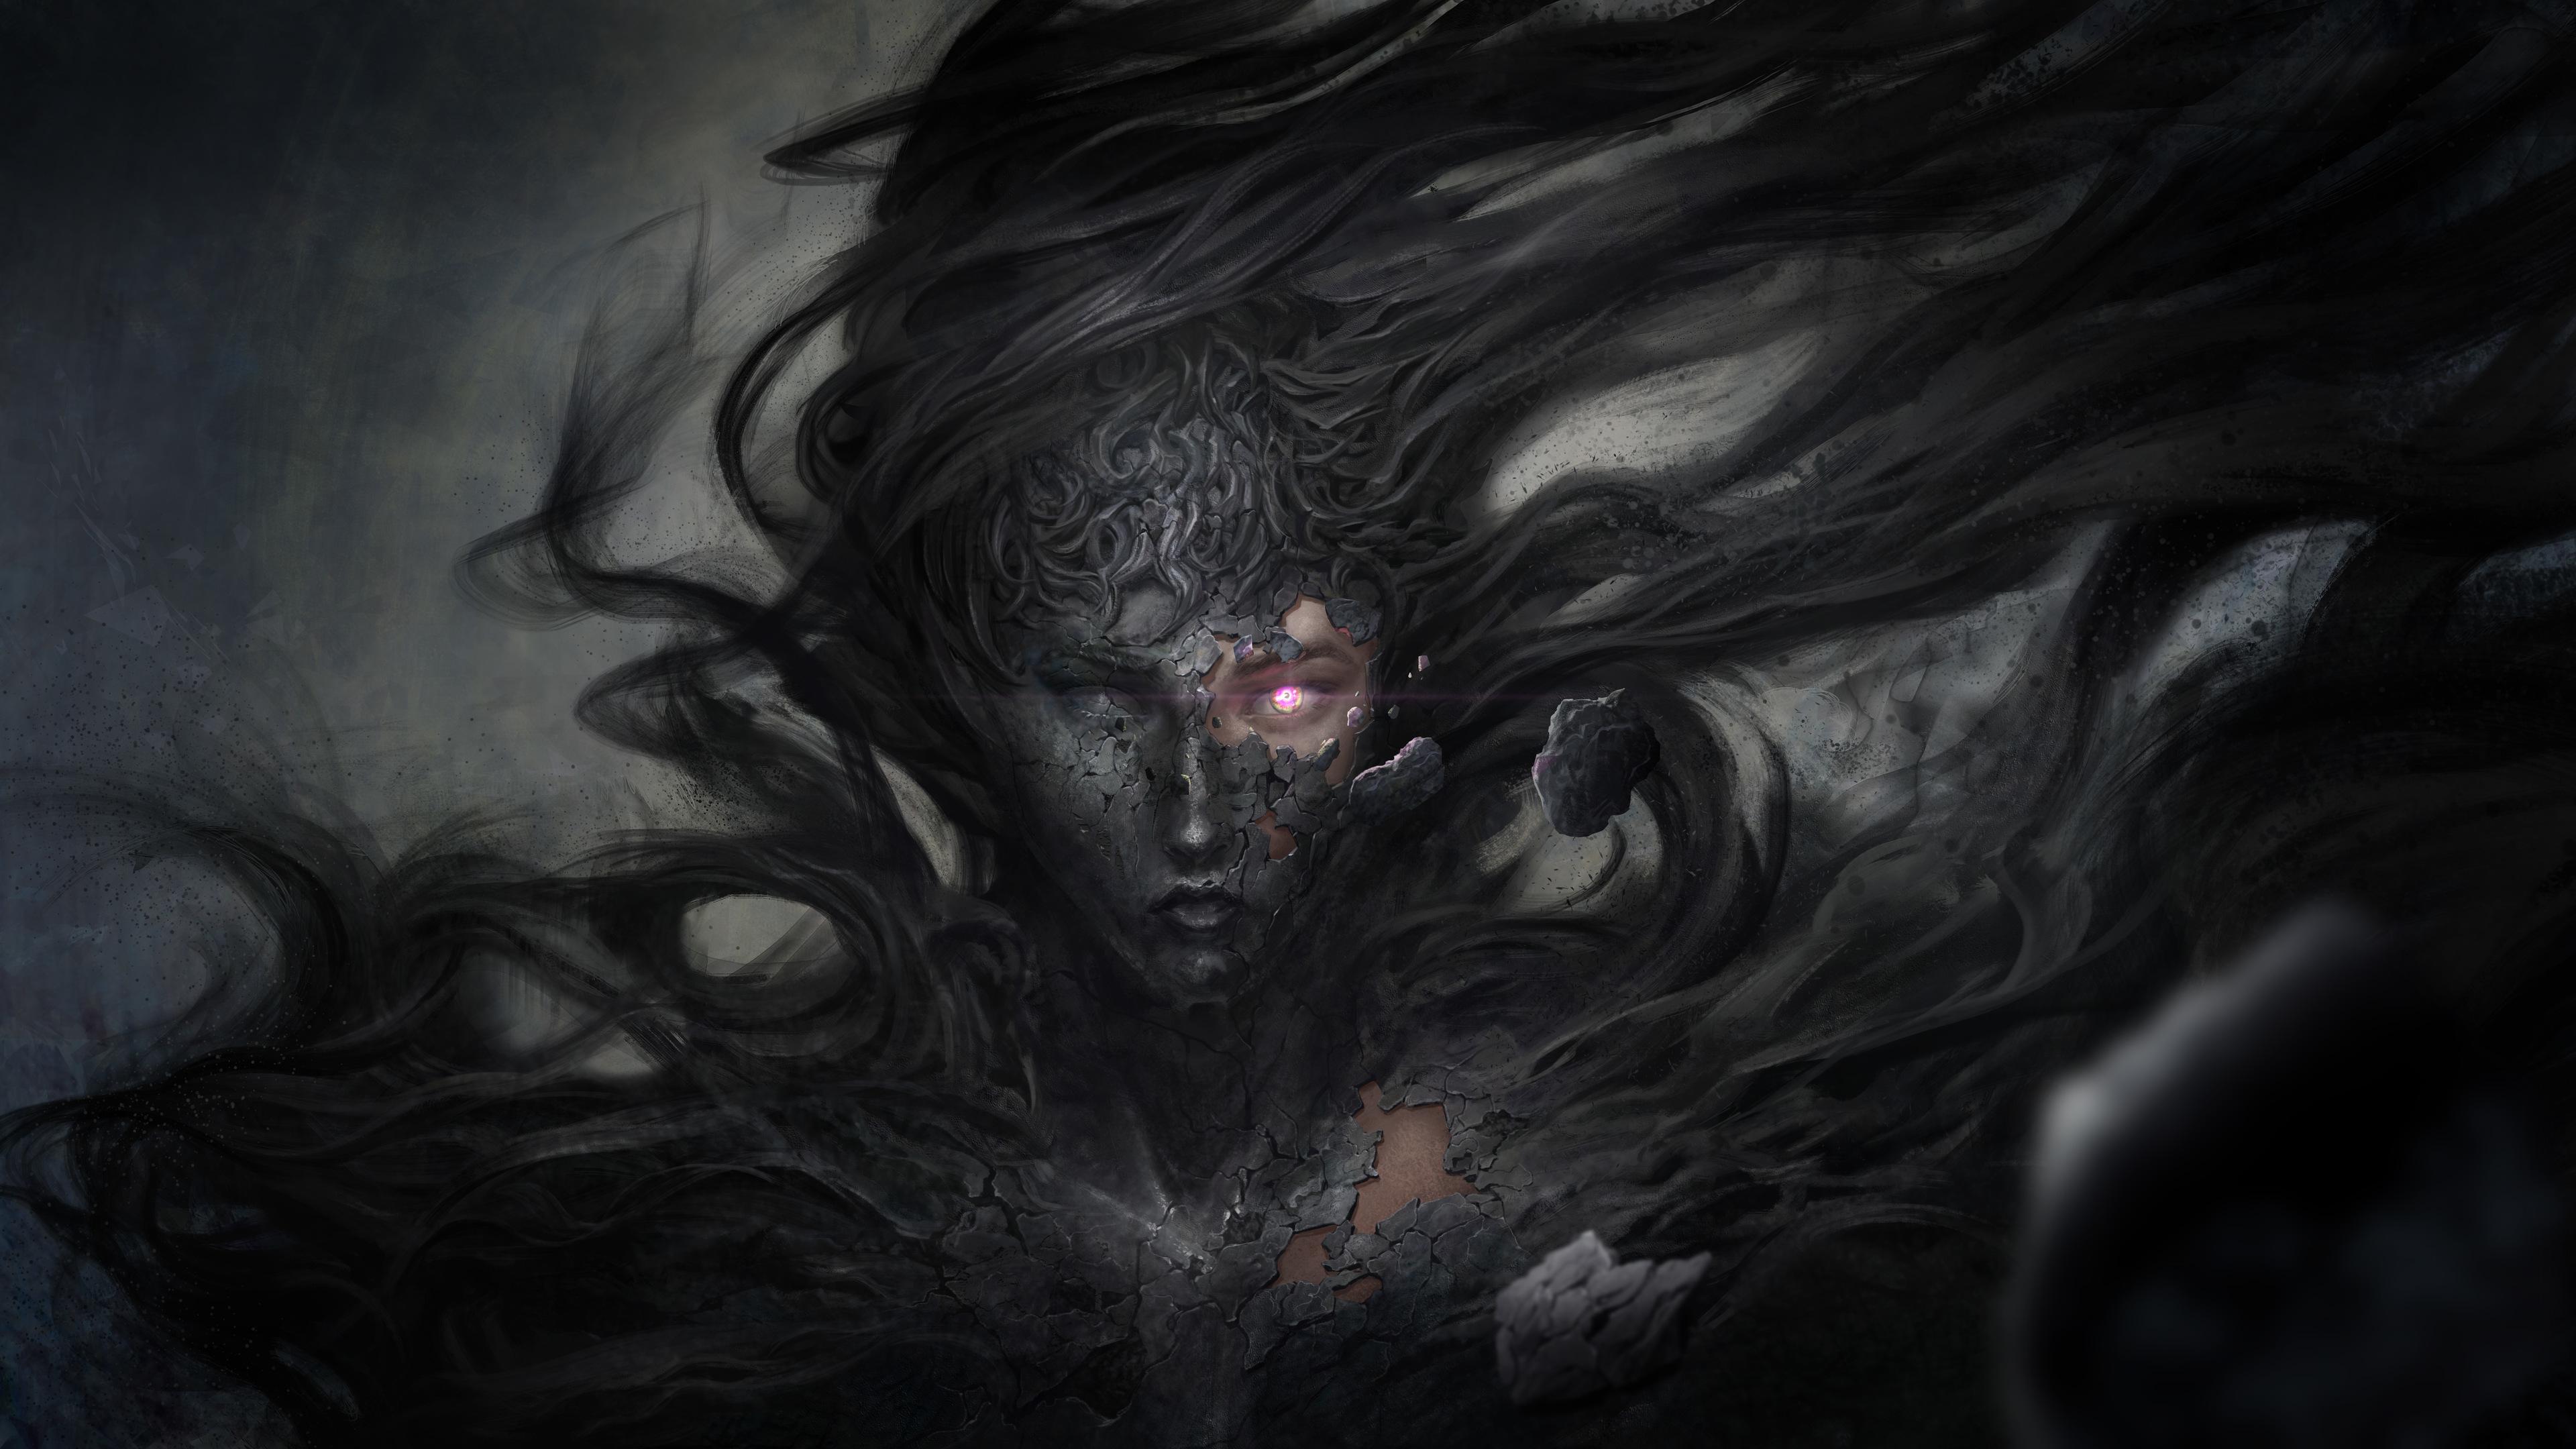 dark demon fantasy witch 4k 1540752876 - Dark Demon Fantasy Witch 4k - witch wallpapers, hd-wallpapers, fantasy wallpapers, digital art wallpapers, demon wallpapers, dark wallpapers, artwork wallpapers, artist wallpapers, 8k wallpapers, 5k wallpapers, 4k-wallpapers